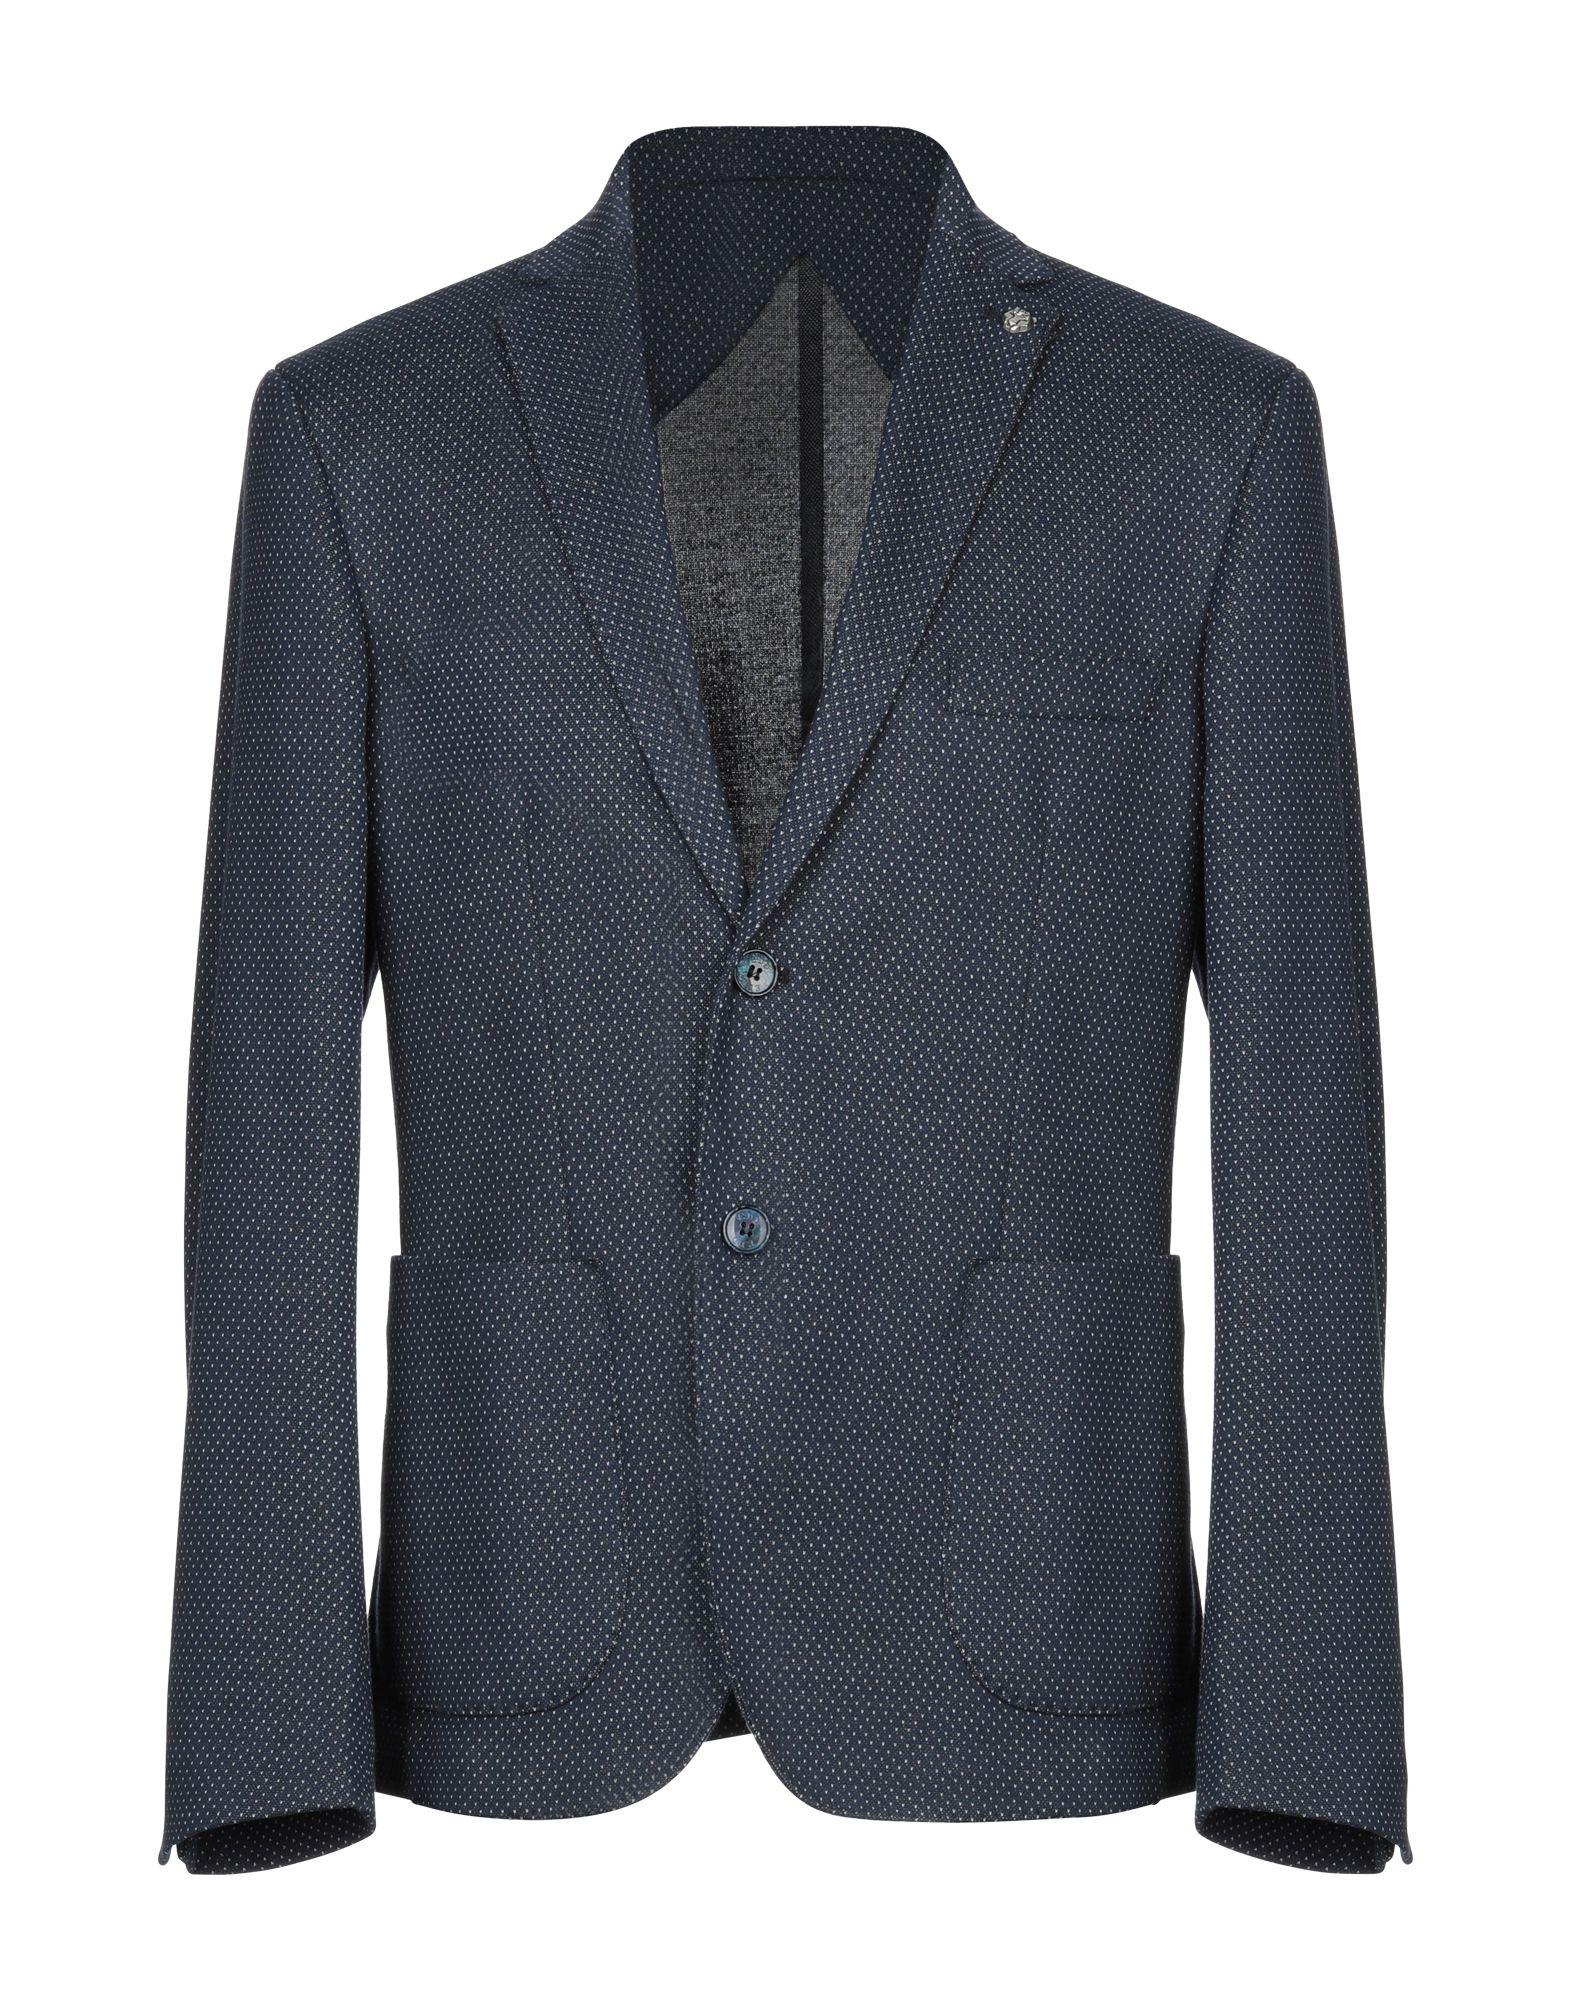 《送料無料》EREDI DEL DUCA メンズ テーラードジャケット ダークブルー 52 ポリエステル 60% / コットン 40%